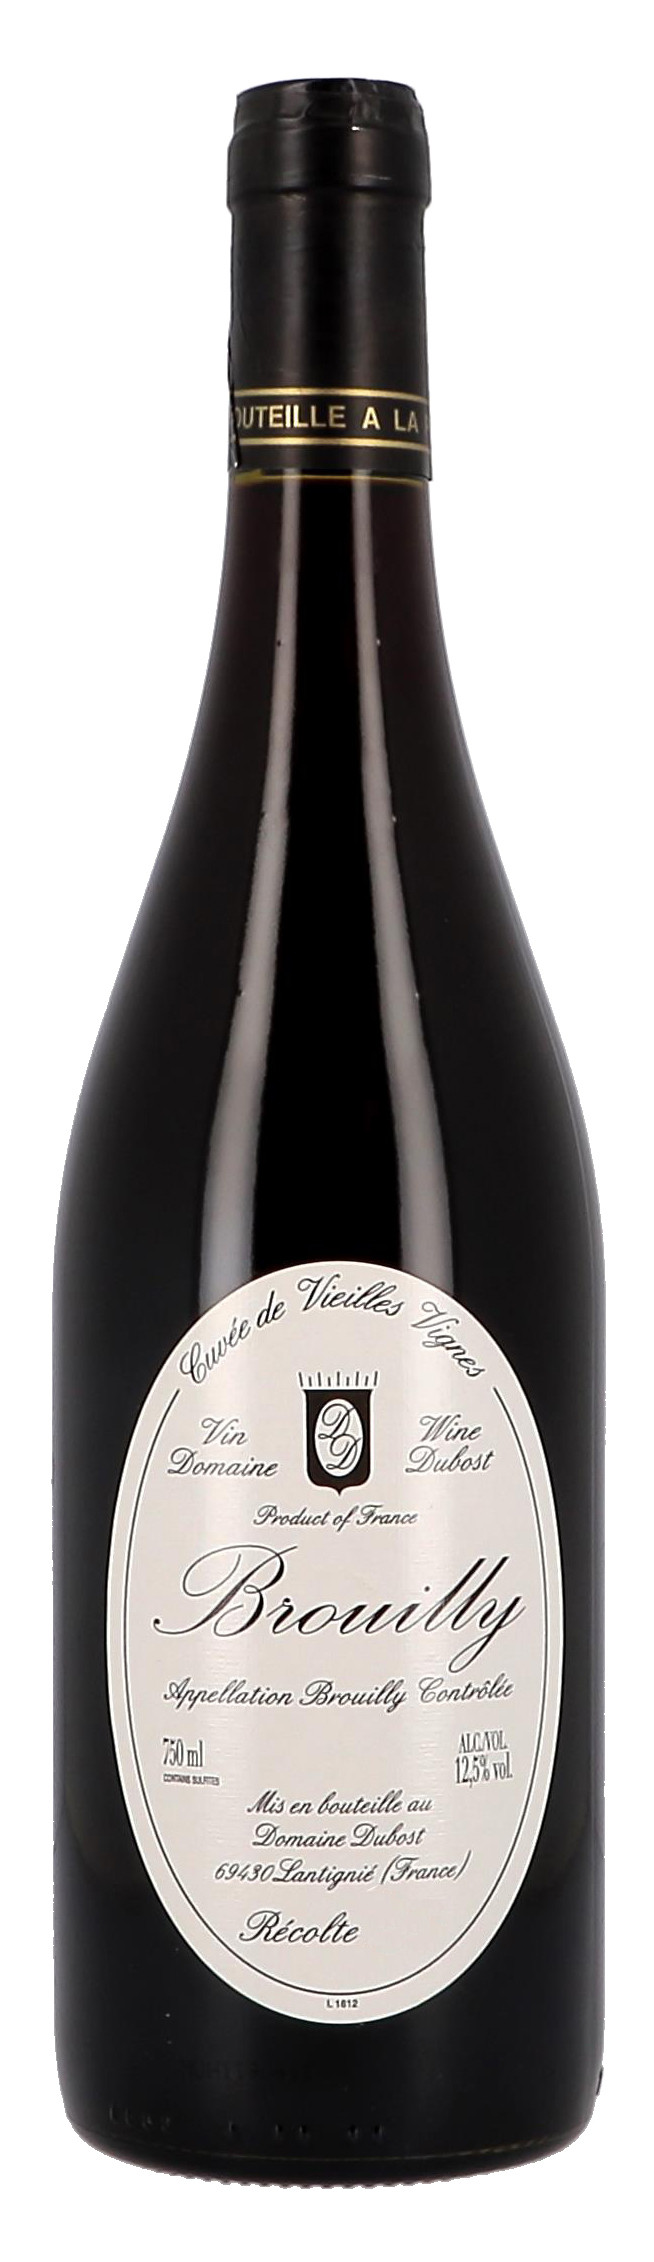 Brouilly Cuvee Vieilles Vignes 75cl Jean-Paul Dubost (Wijnen)